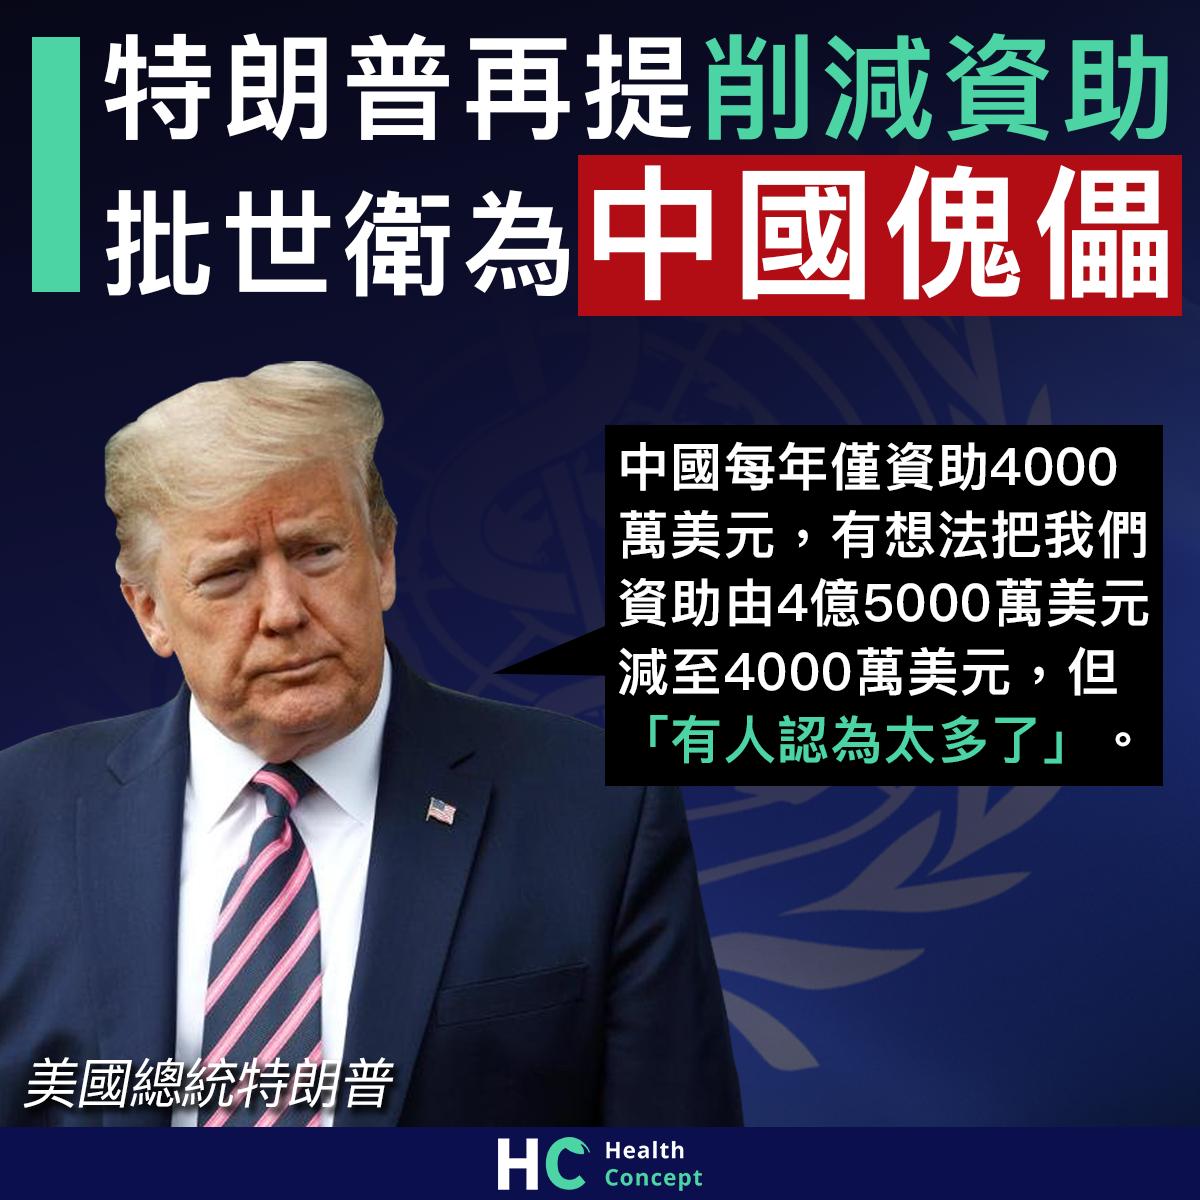 【#武漢肺炎】特朗普再提削減資助 批世衛為中國傀儡